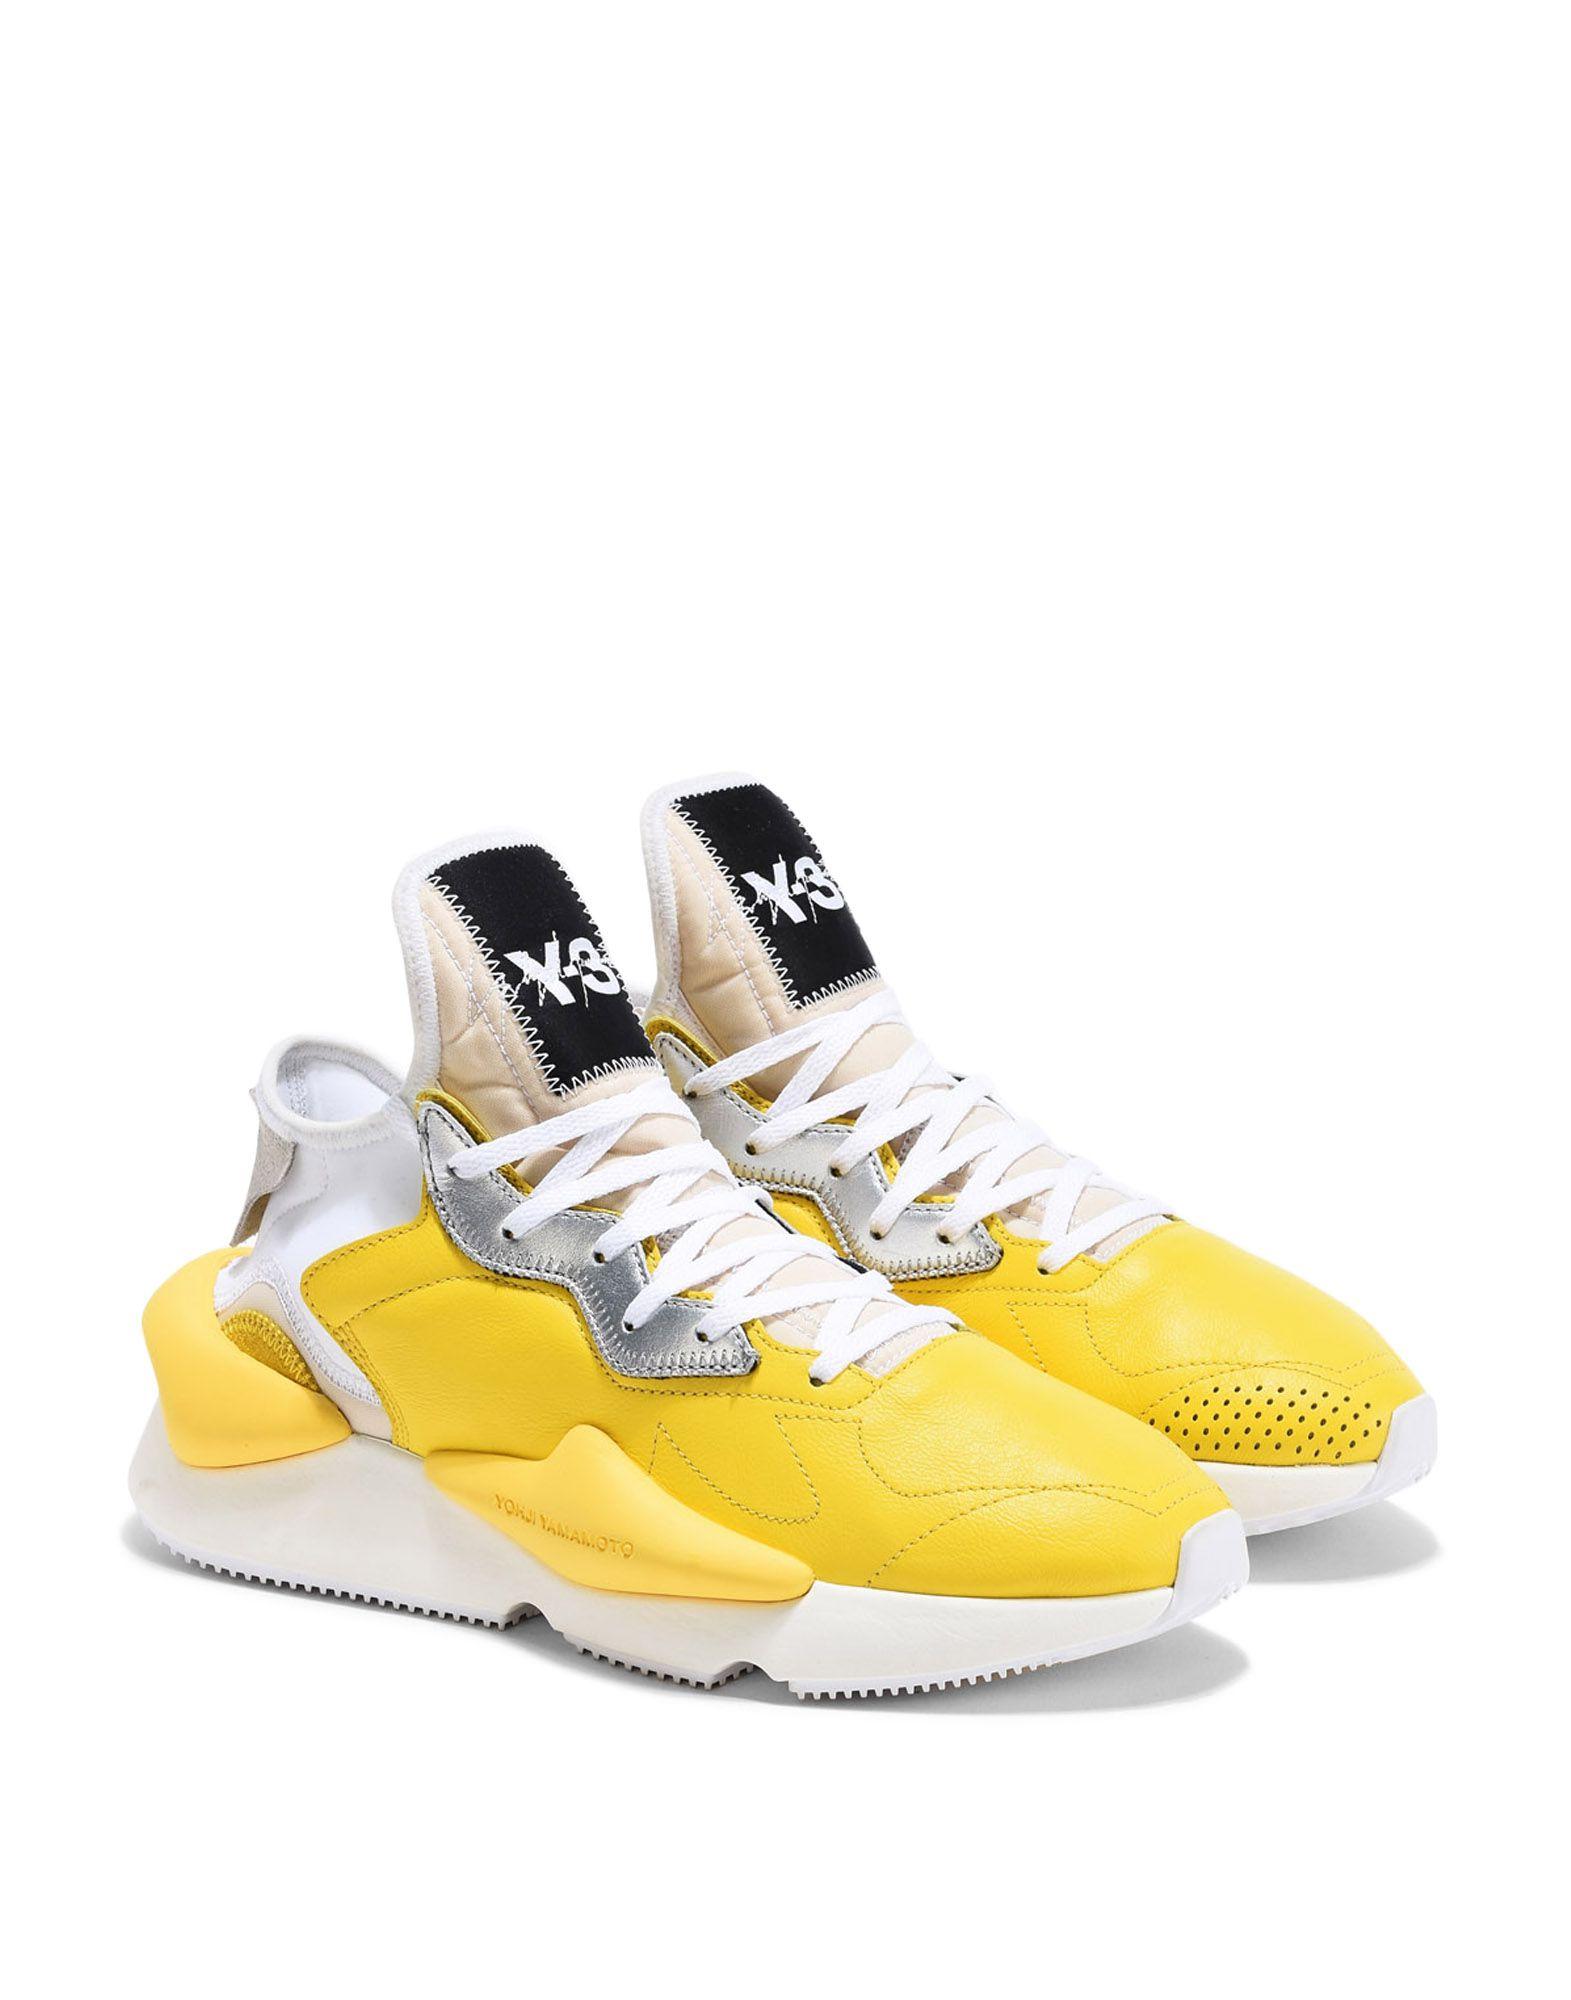 Y-3 Kaiwa SHOES unisex Y-3 adidas